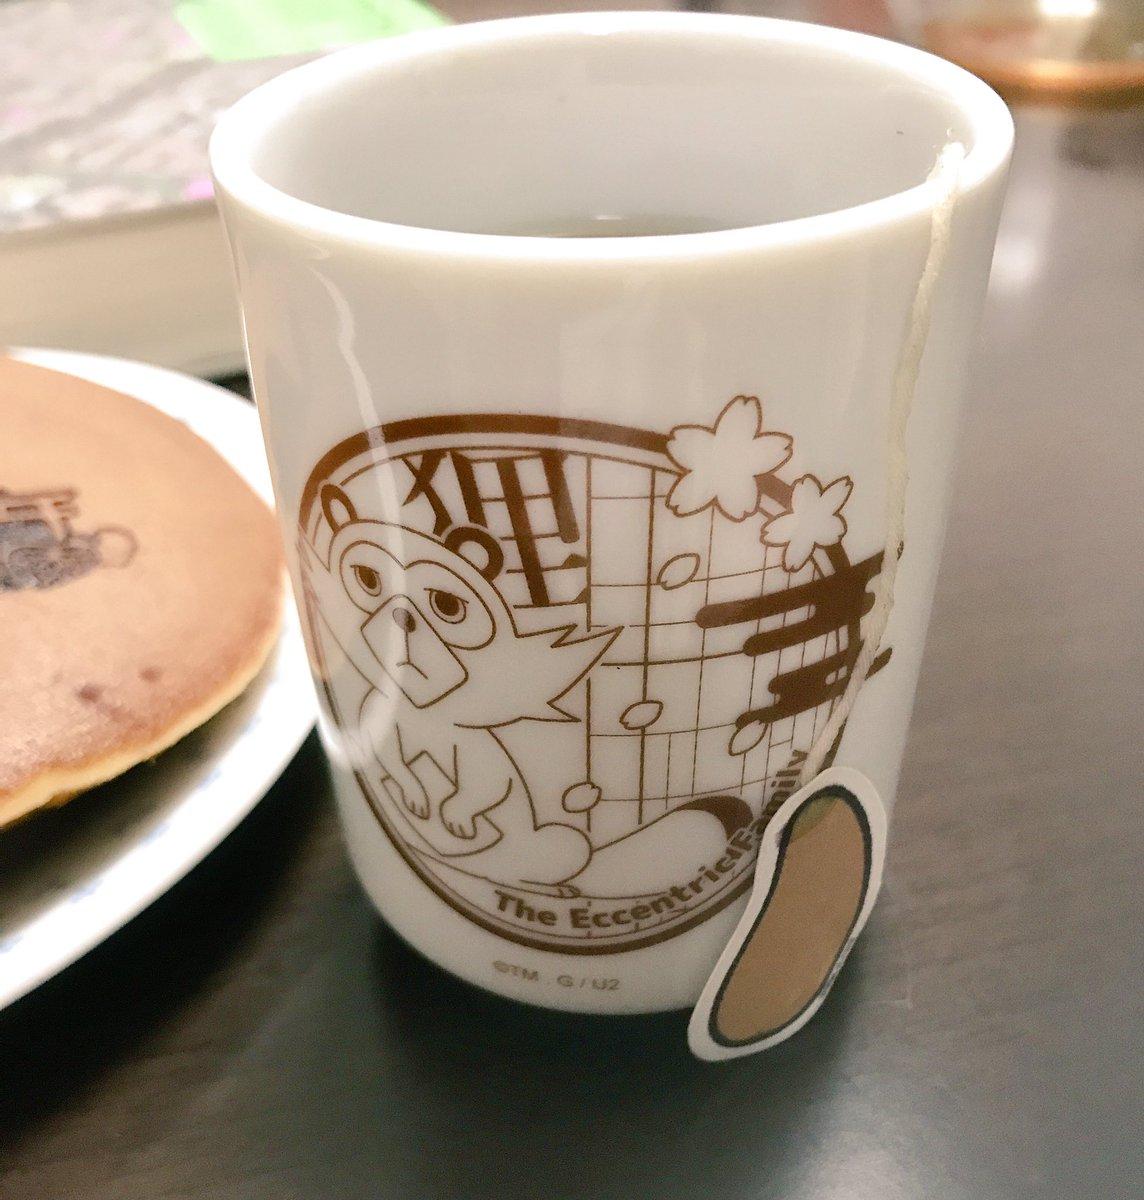 #有頂天 #有頂天家族昨日のお土産の、大どら焼きと揺れるしっぽ茶をいただきつつ、読書の秋の台風の夜。ほうじ茶は良いねぇ。